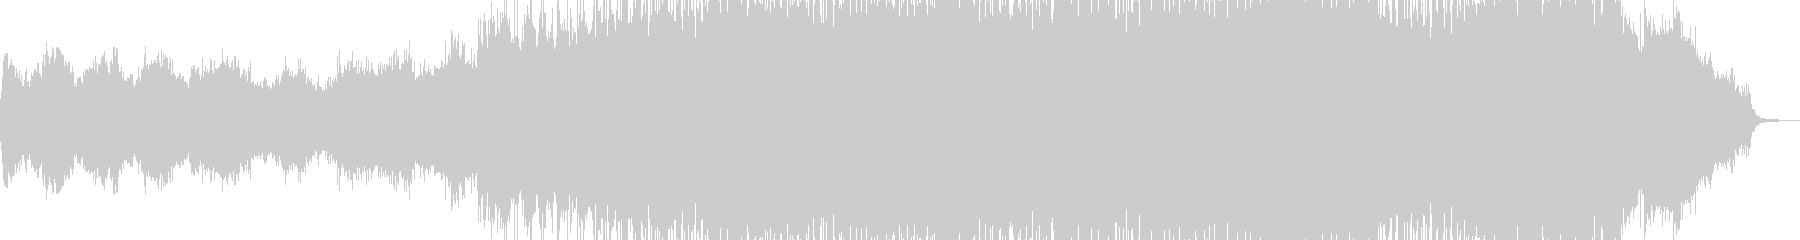 ストリングス・幕開け盛大なロック 長尺の未再生の波形